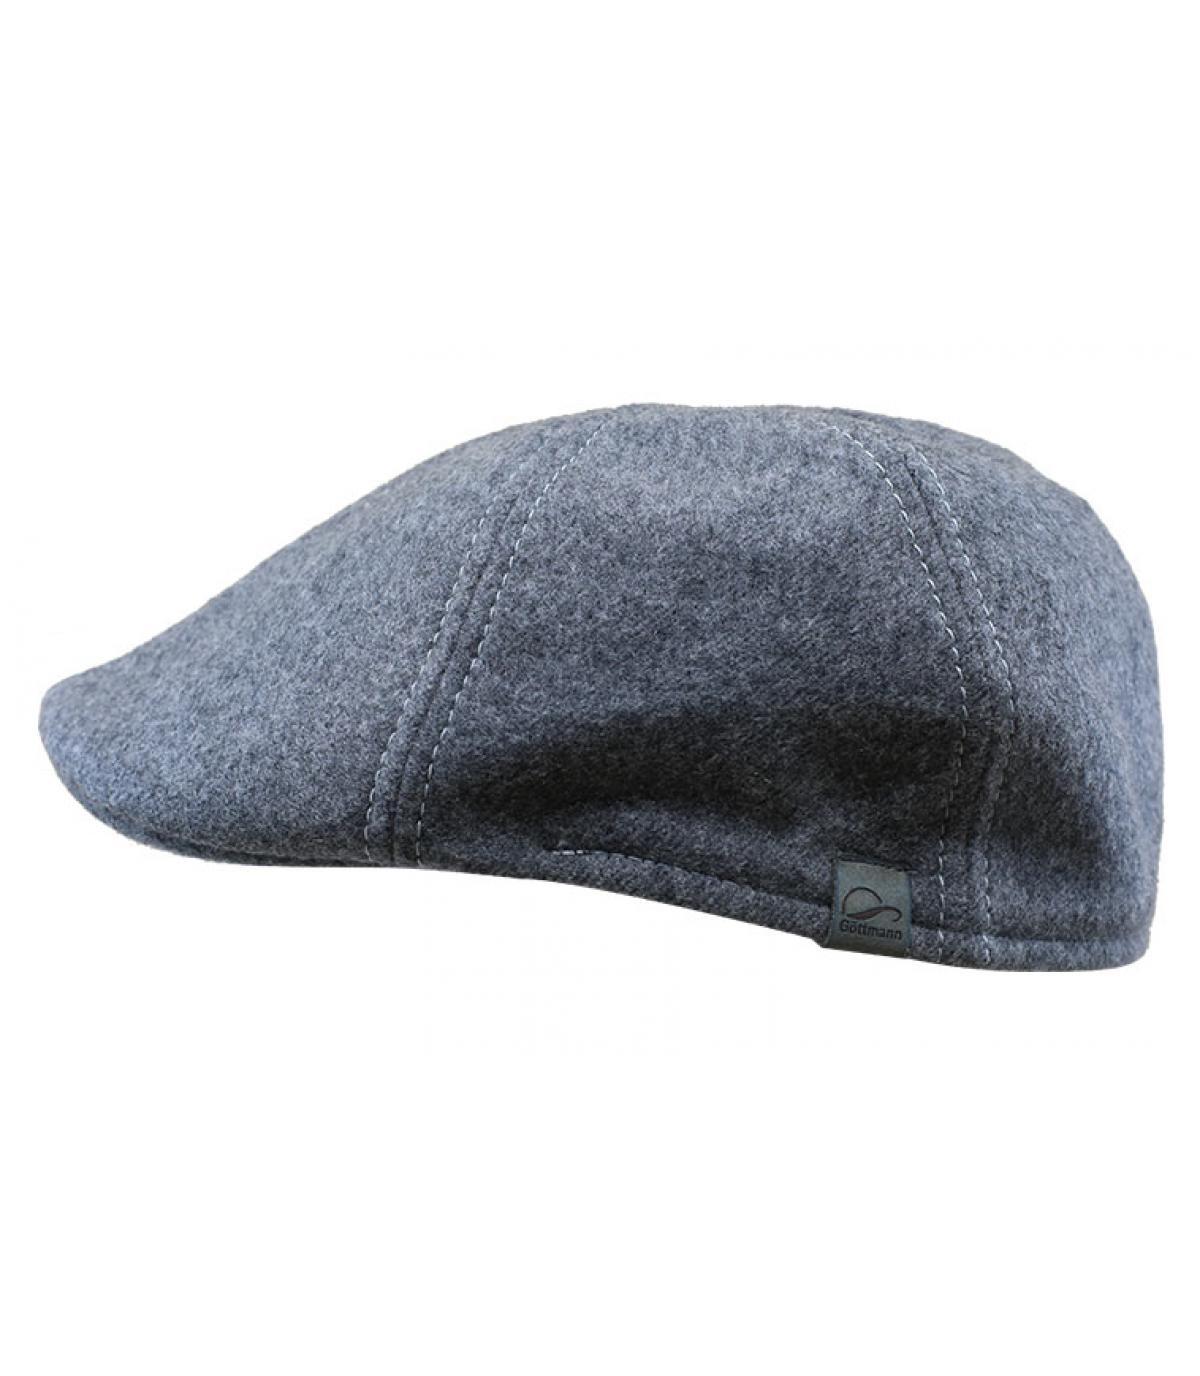 Details Gatsby Wolle grey - Abbildung 2